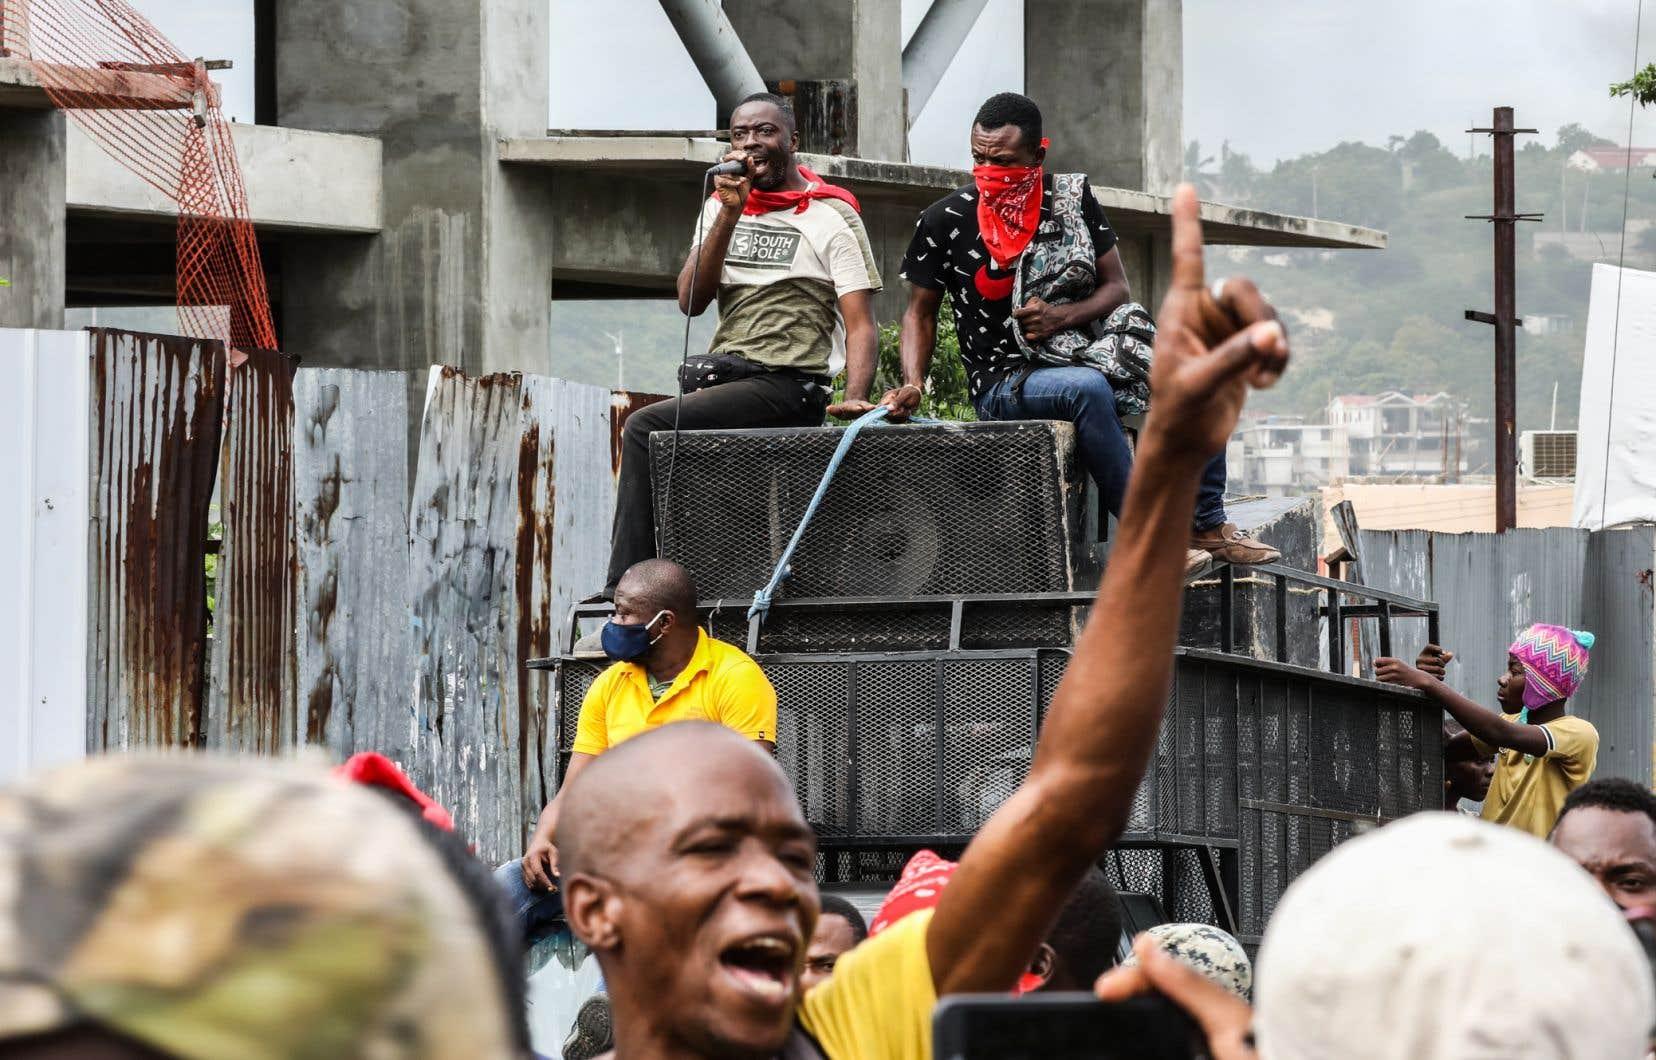 Plusieurs centaines de personnes ont dénoncé dans les rues de Port-au-Prince mercredi l'insécurité qui gangrène le pays.